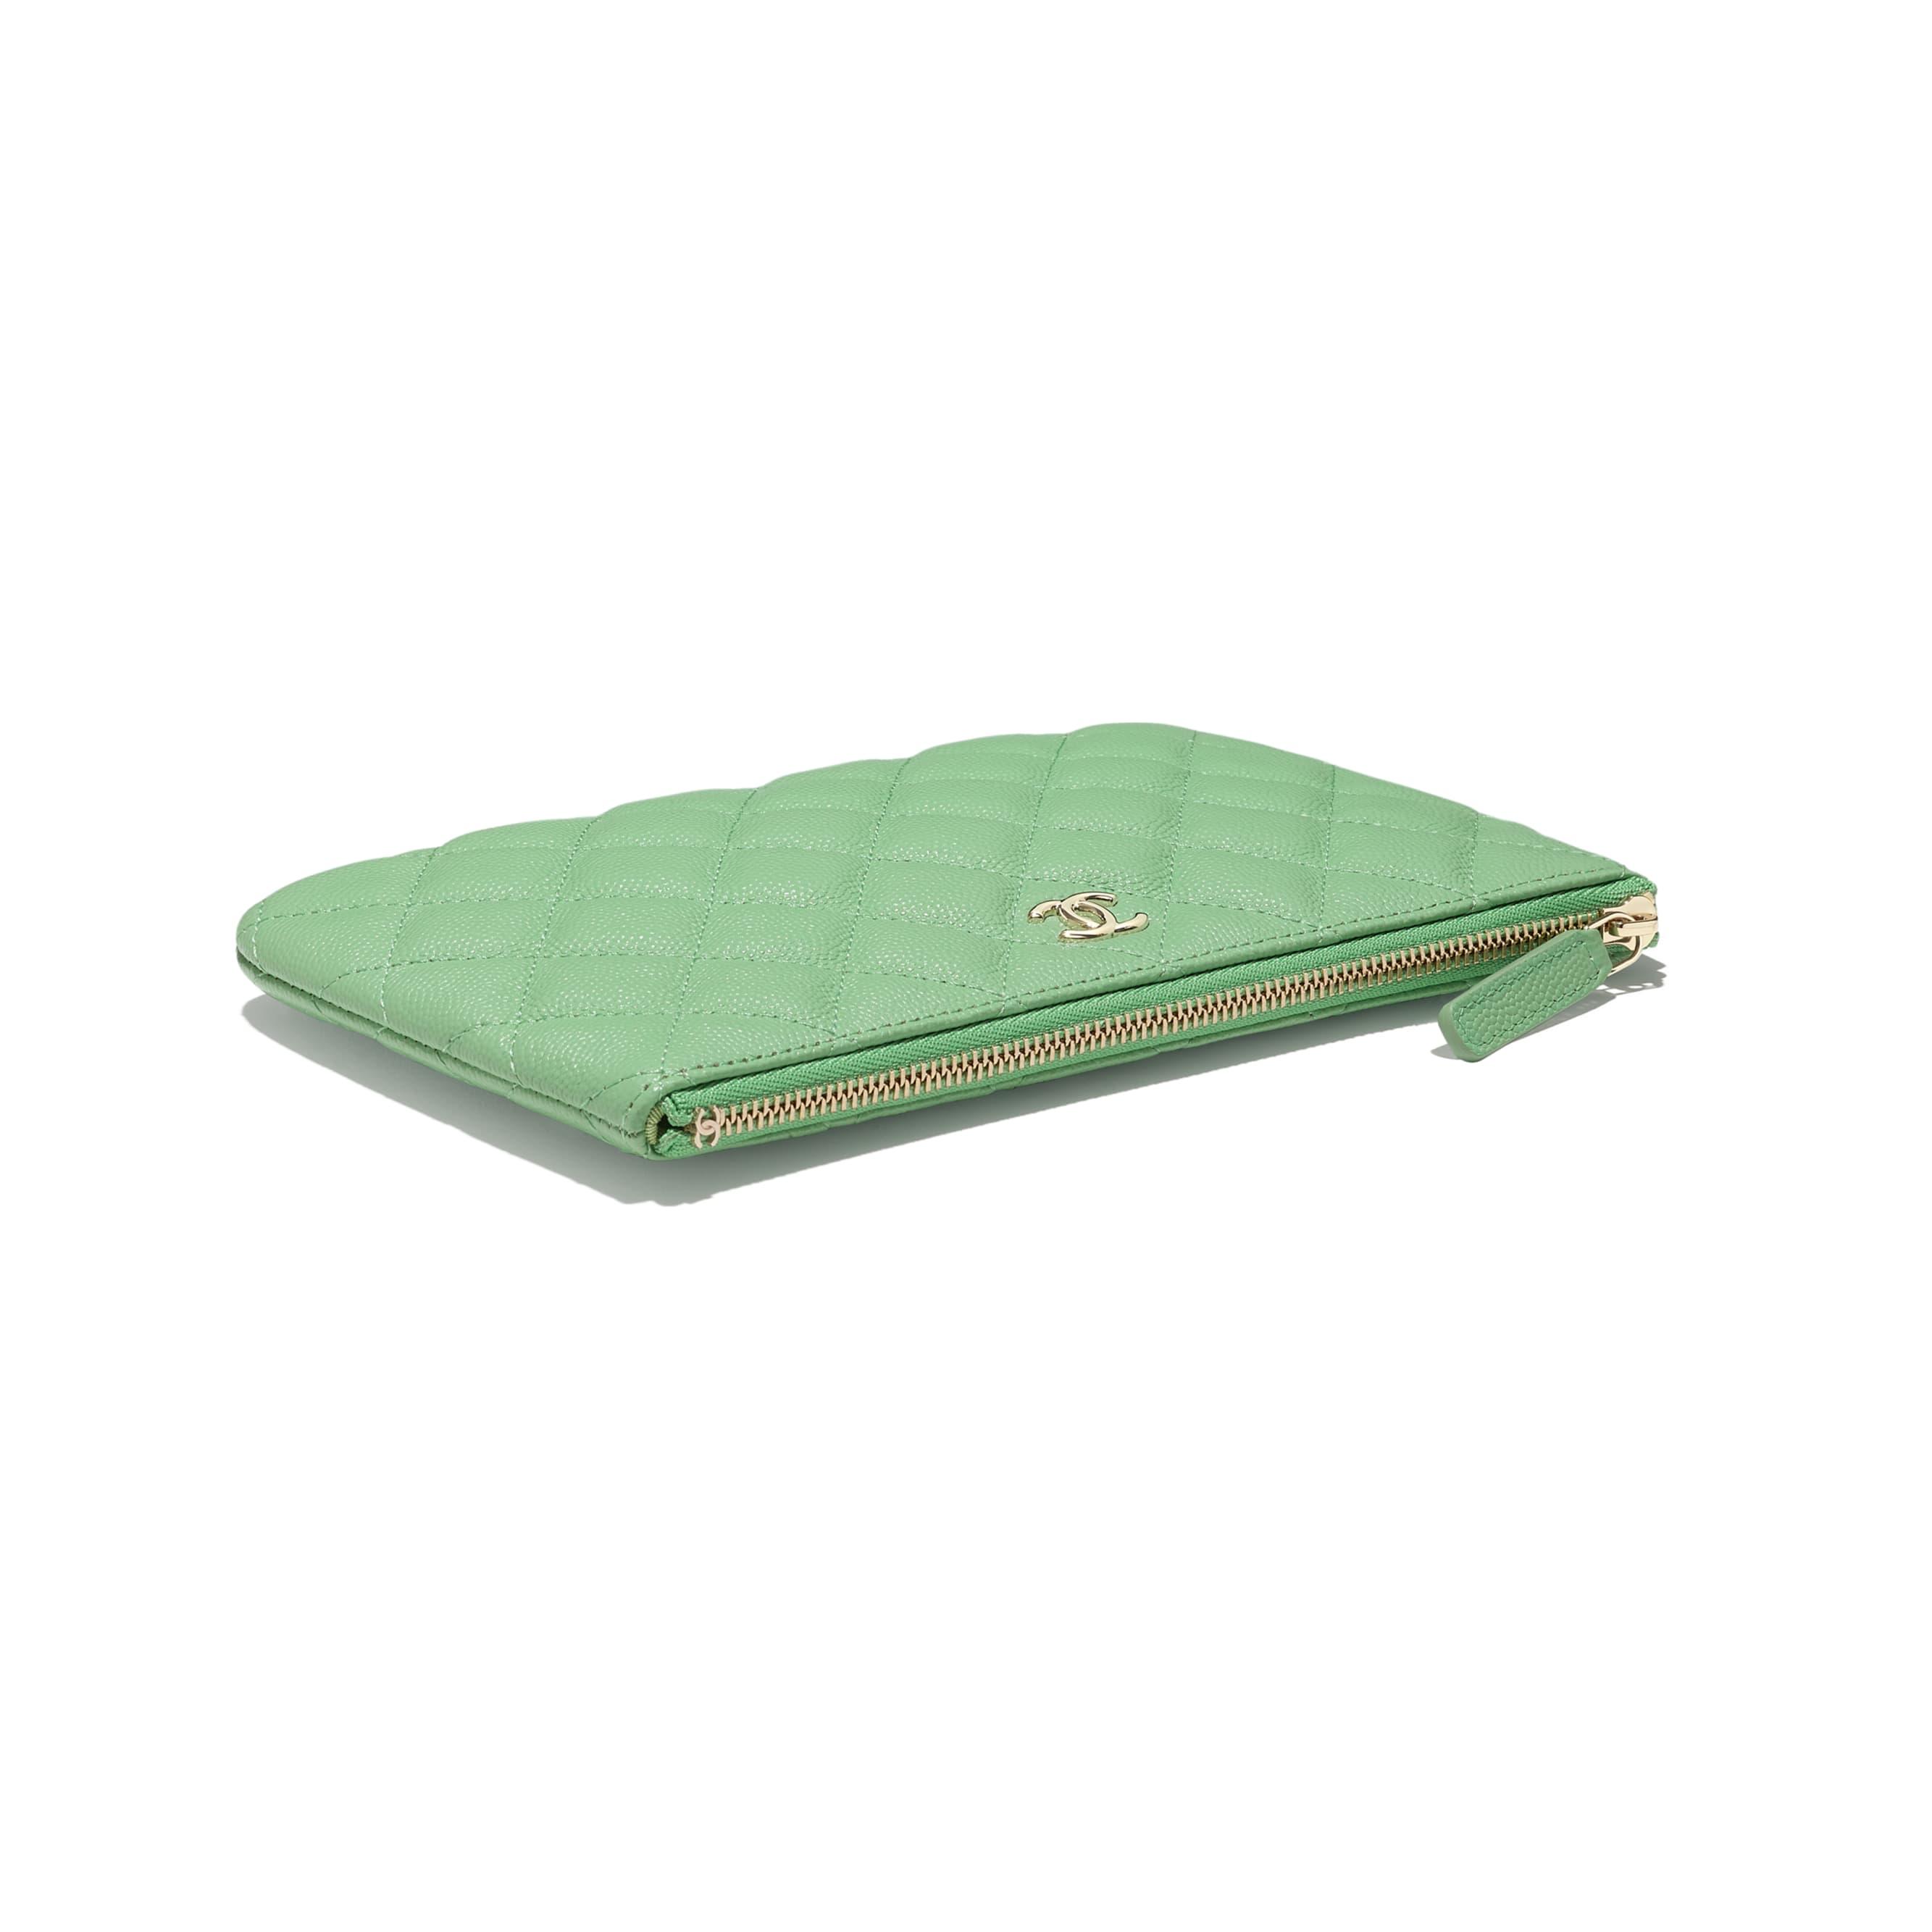 Pochete pequena clássica - Verde - Couro De Novilho Granulado & Metal Dourado - CHANEL - Vista extra - ver a versão em tamanho standard